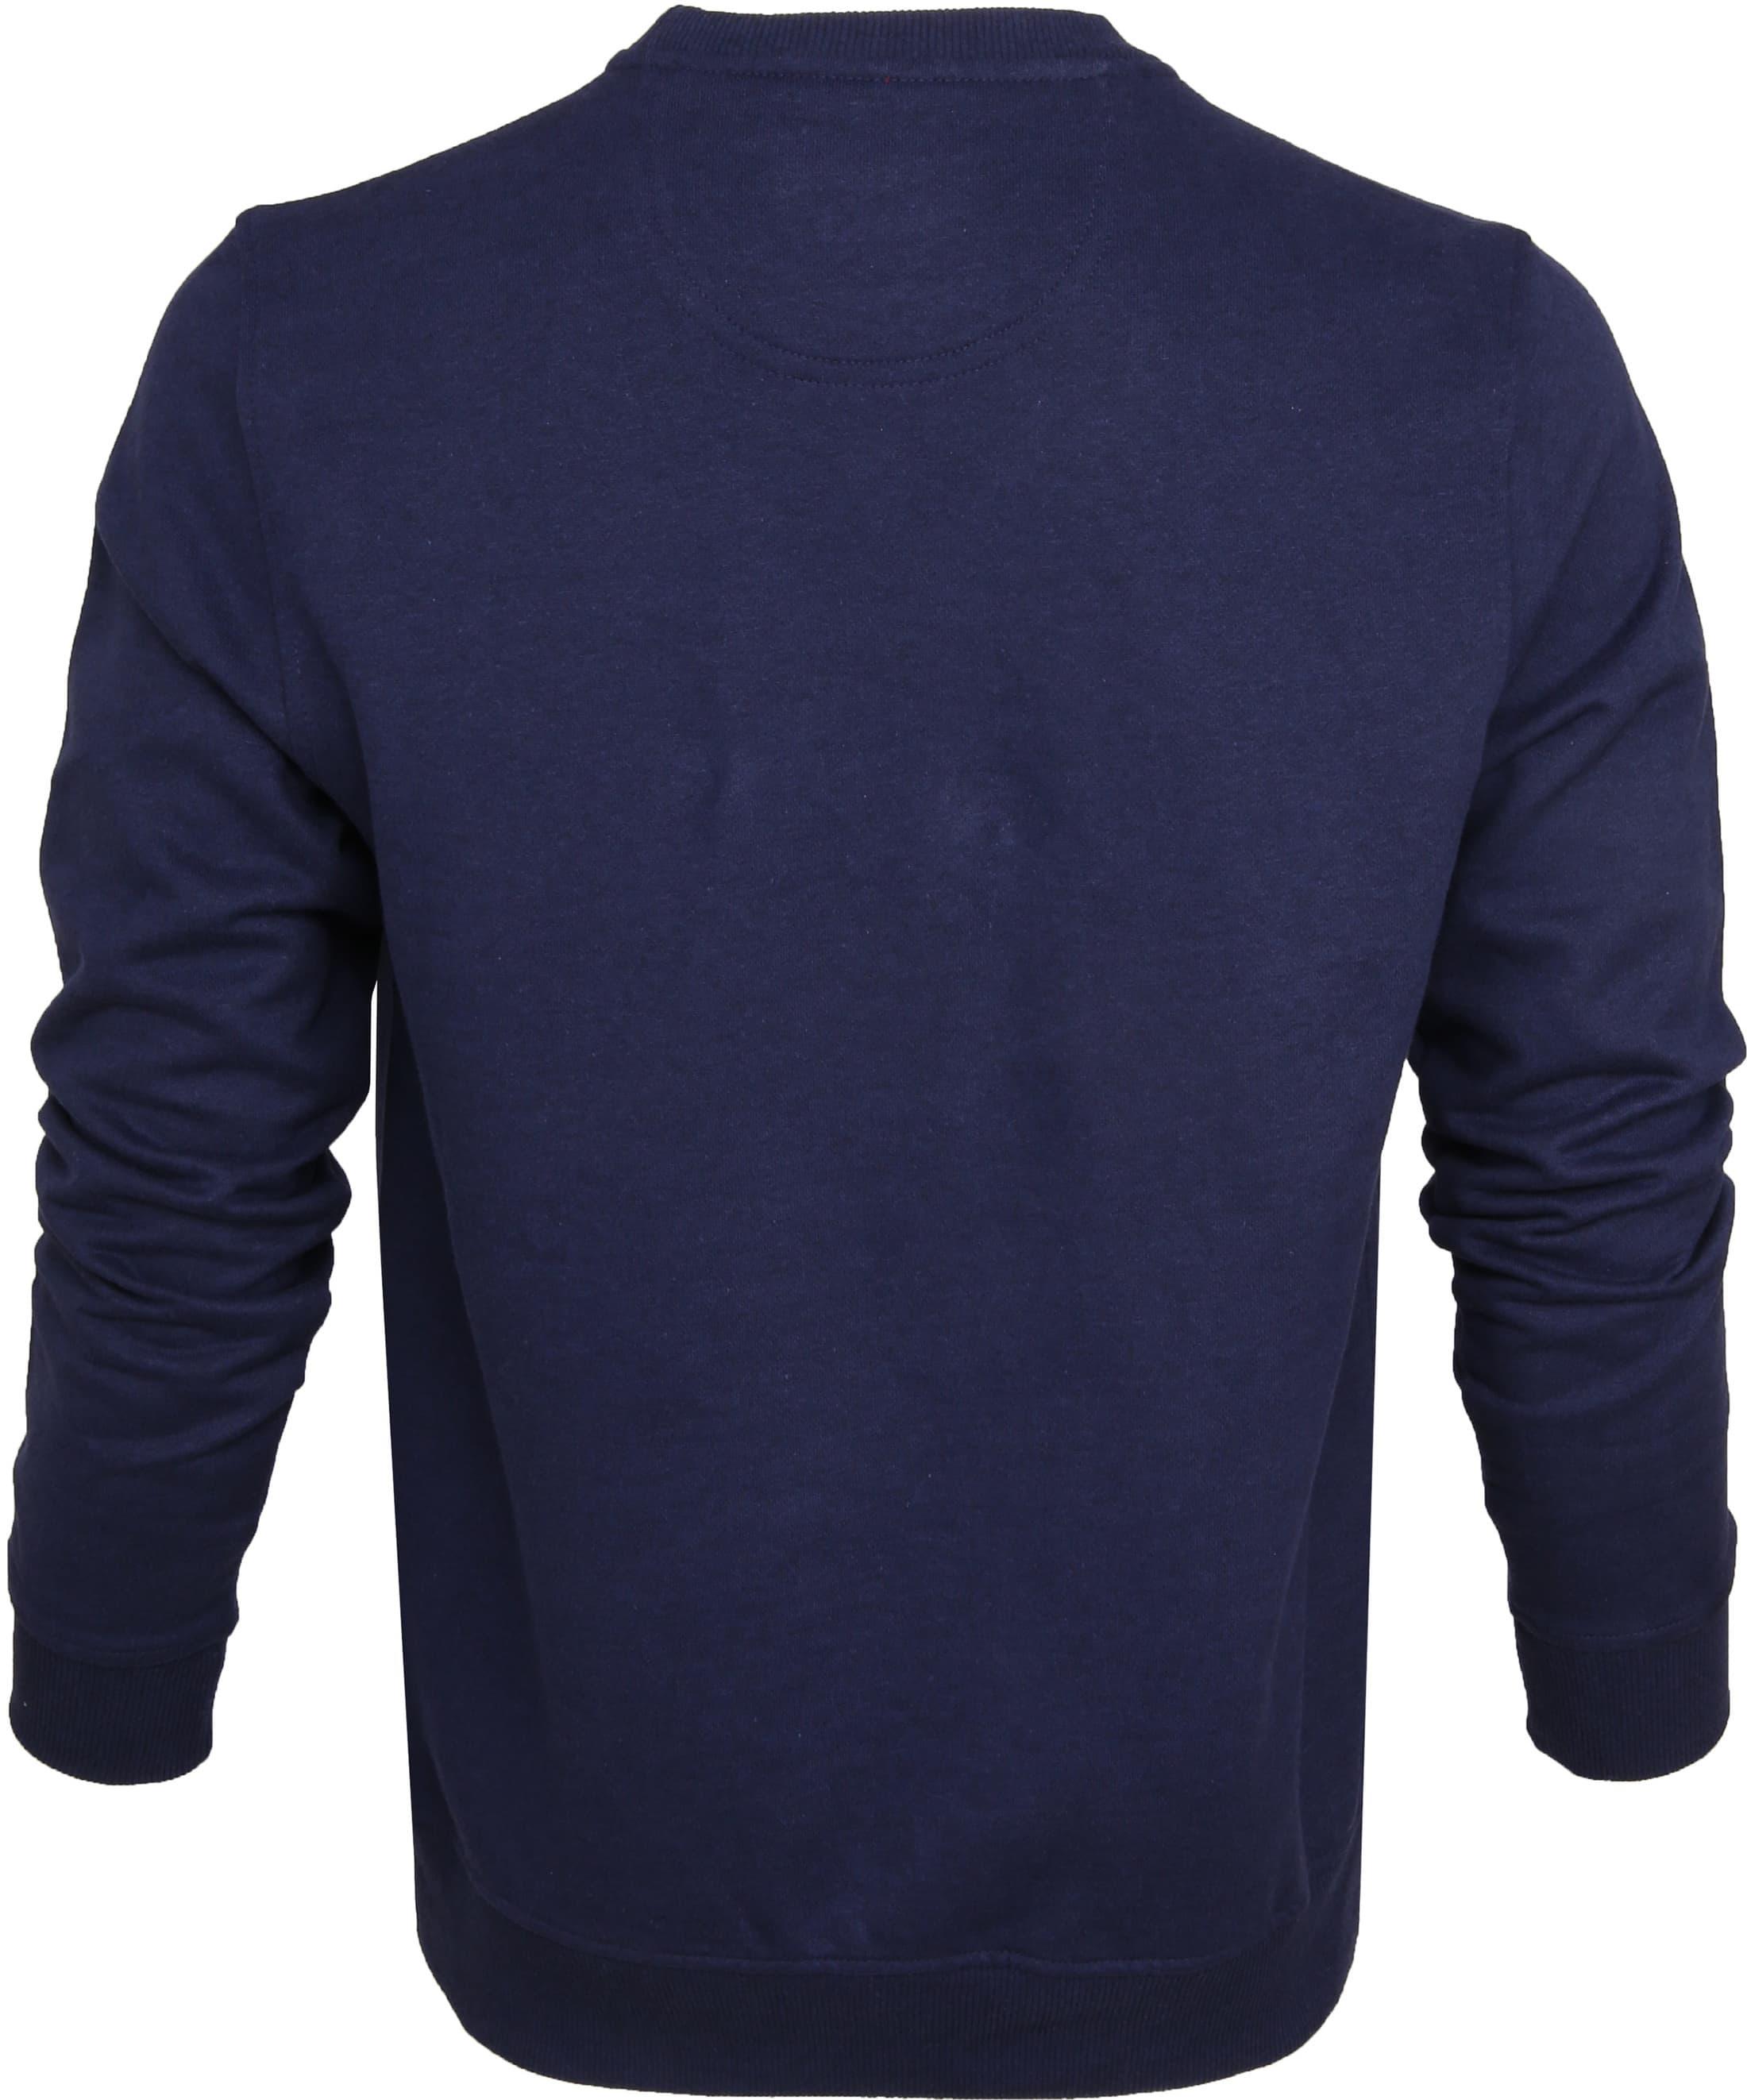 IZOD Solid Fleece Sweater Navy foto 3